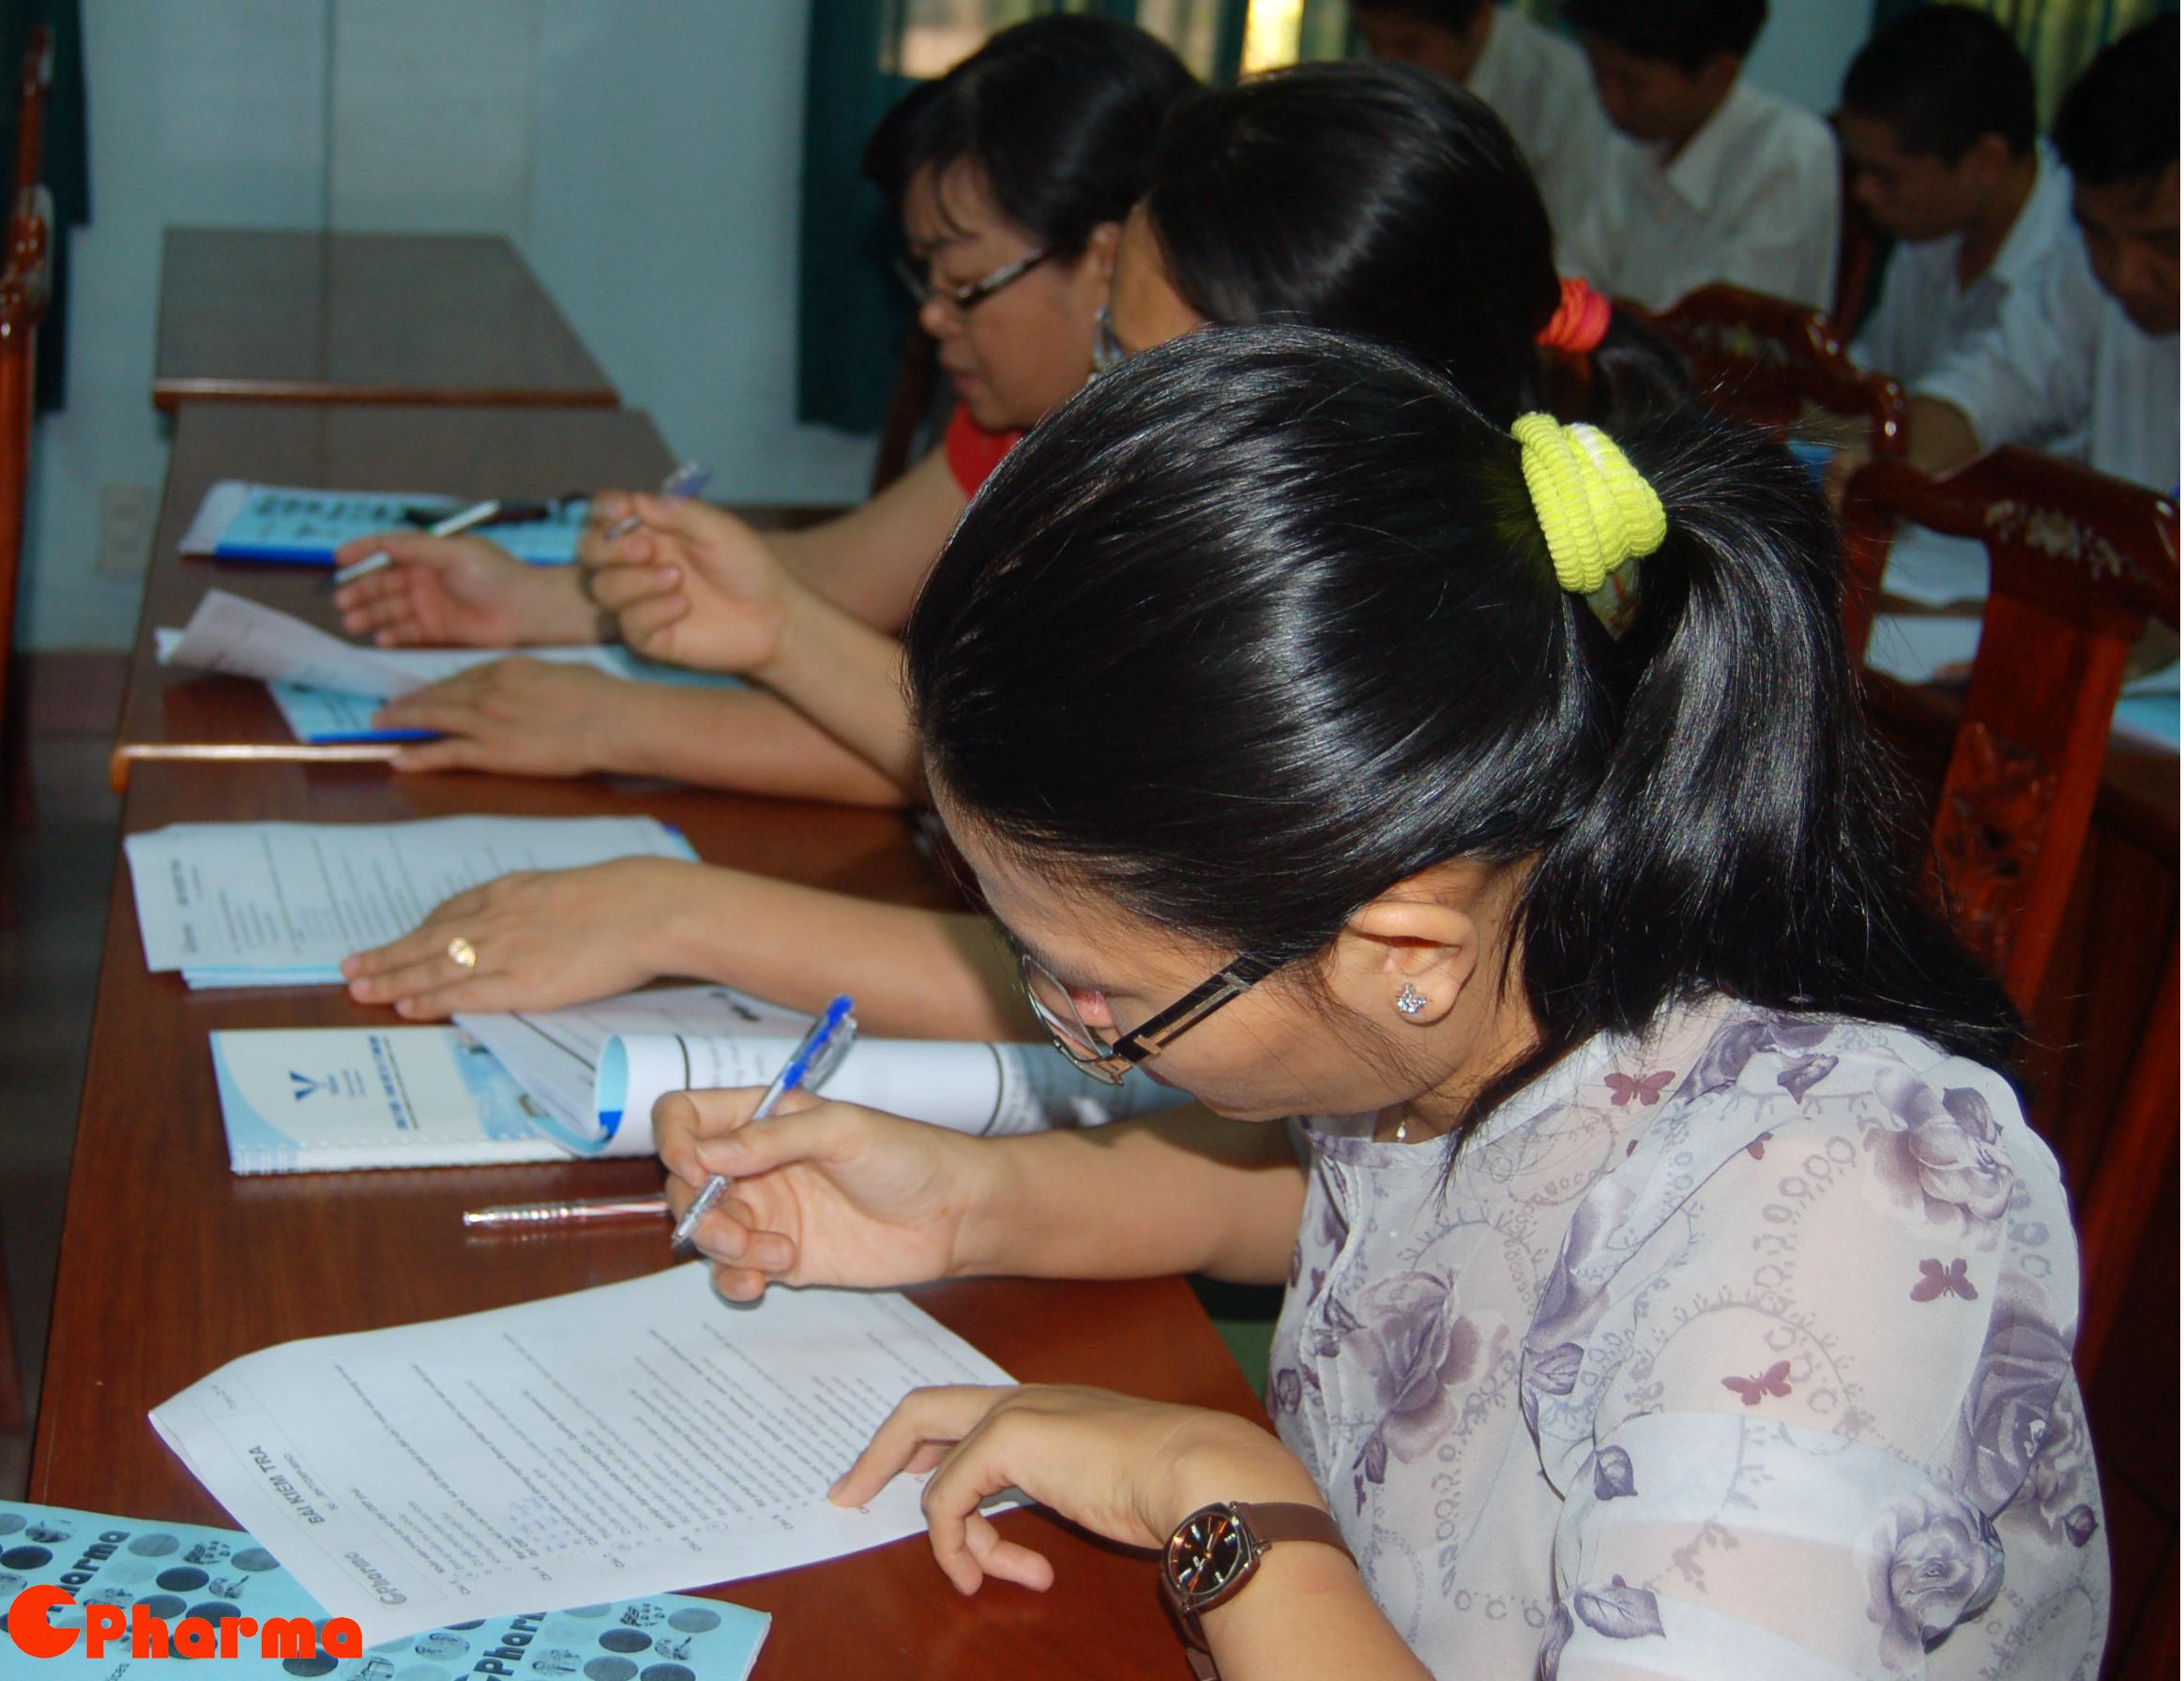 Học viên Việt nam cũng hết sức chăm chú làm bài kiểm tra